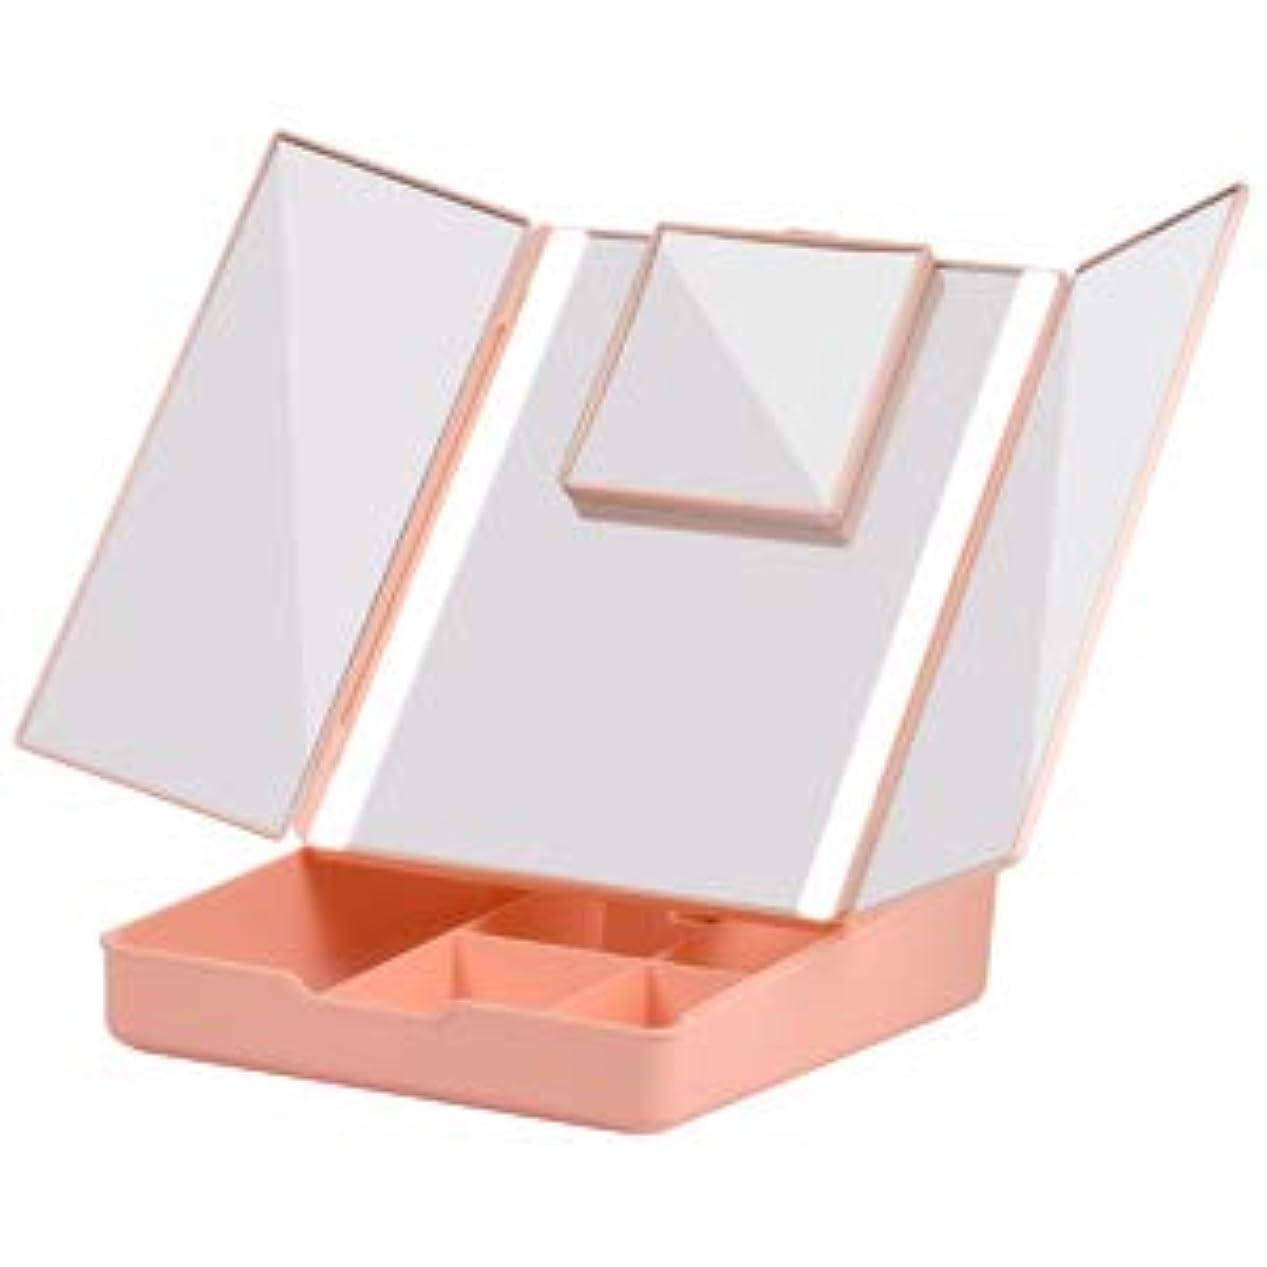 倫理マティスフィクションFascinate 折りたたみ式三面鏡 化粧鏡 7倍拡大鏡付き 24個LED スタンドミラー USB&電池式 角度調整可能 収納ケース付き